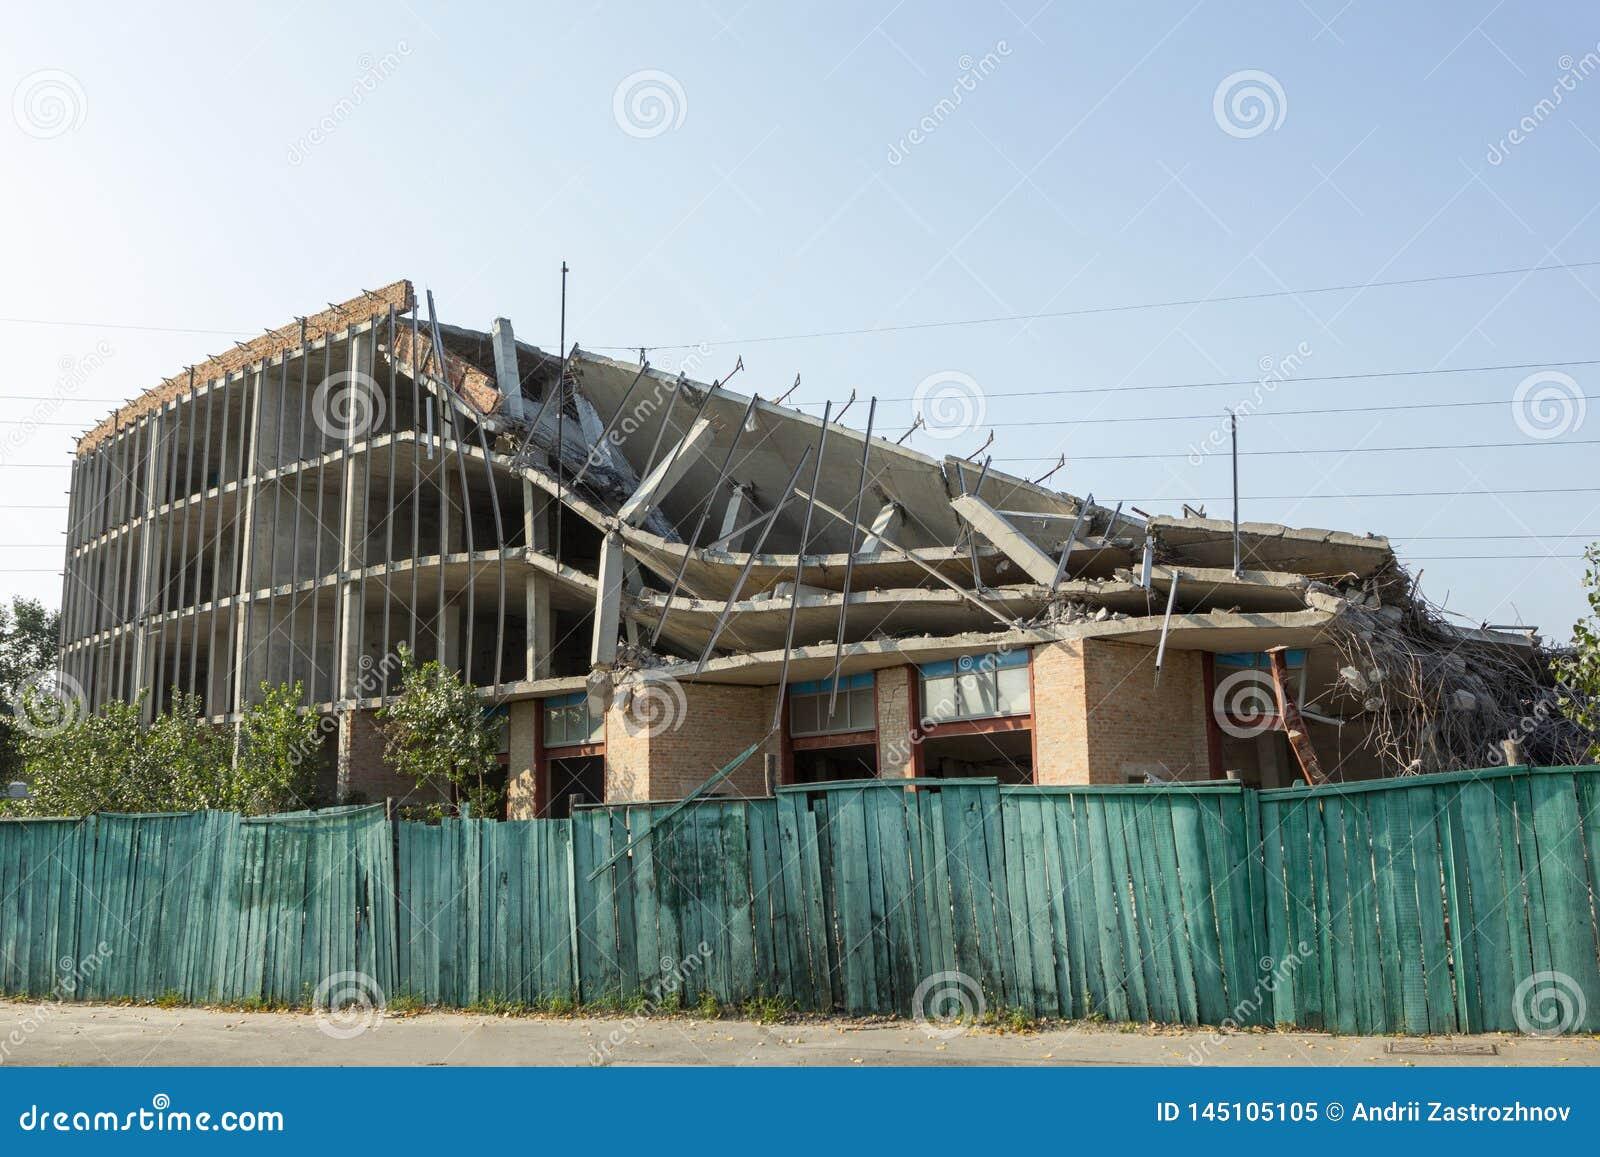 Zerstörtes Gebäude hinter einem grünen Zaun